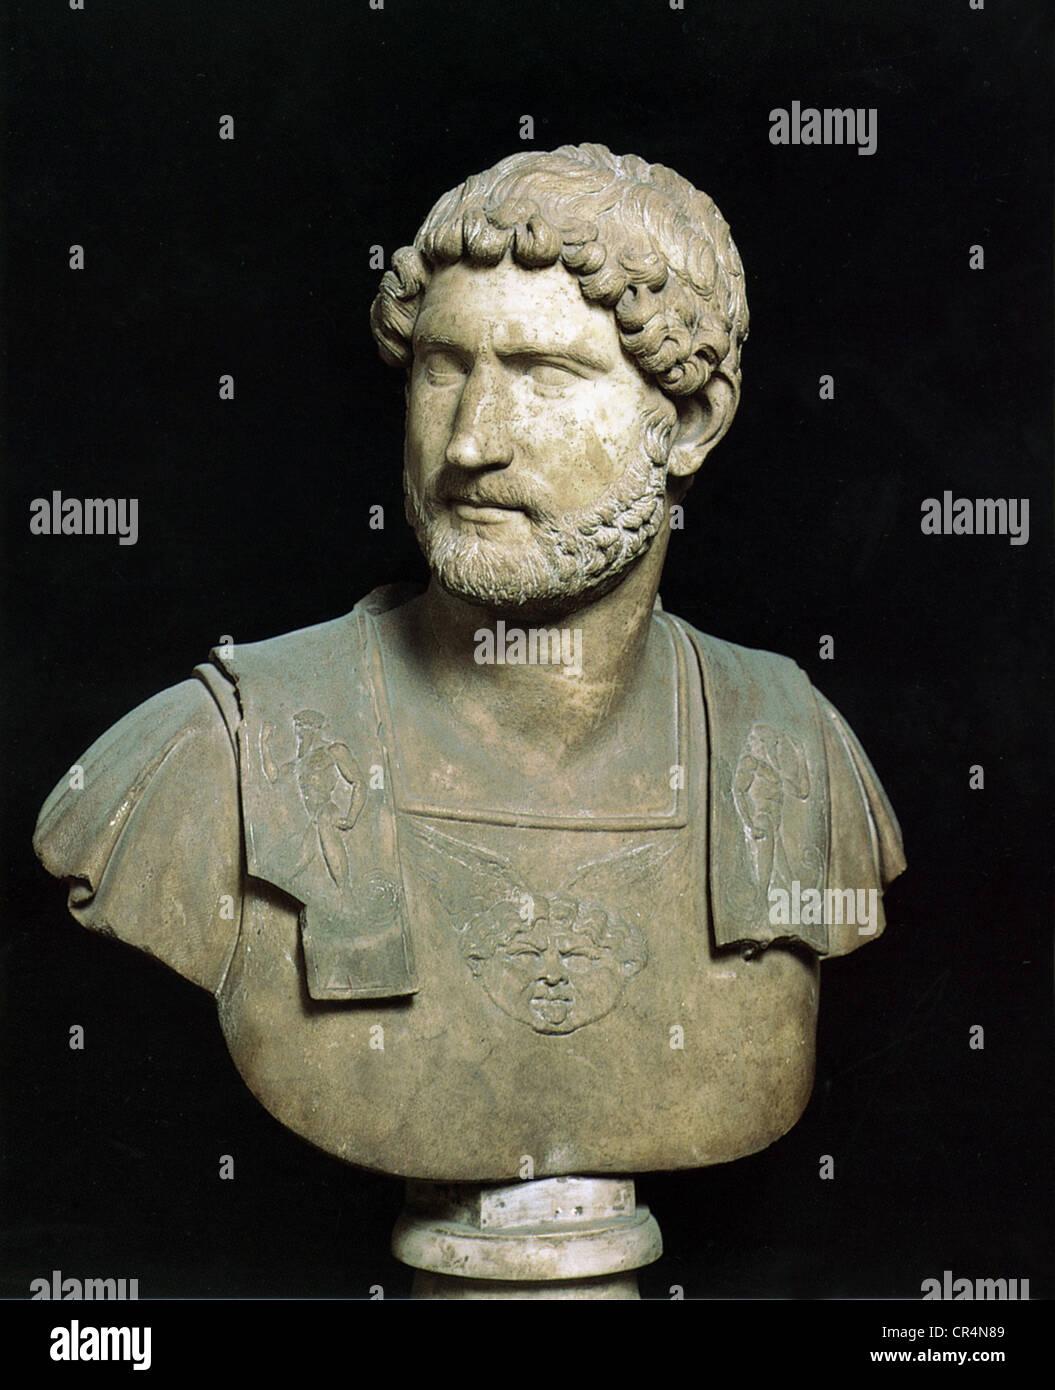 a biography of aelius hadrianus the roman emperor This biography provides detailed  hadrianus, lucilla, marcus annius verus caesar, titus aelius  commodus was a roman emperor during the early years.